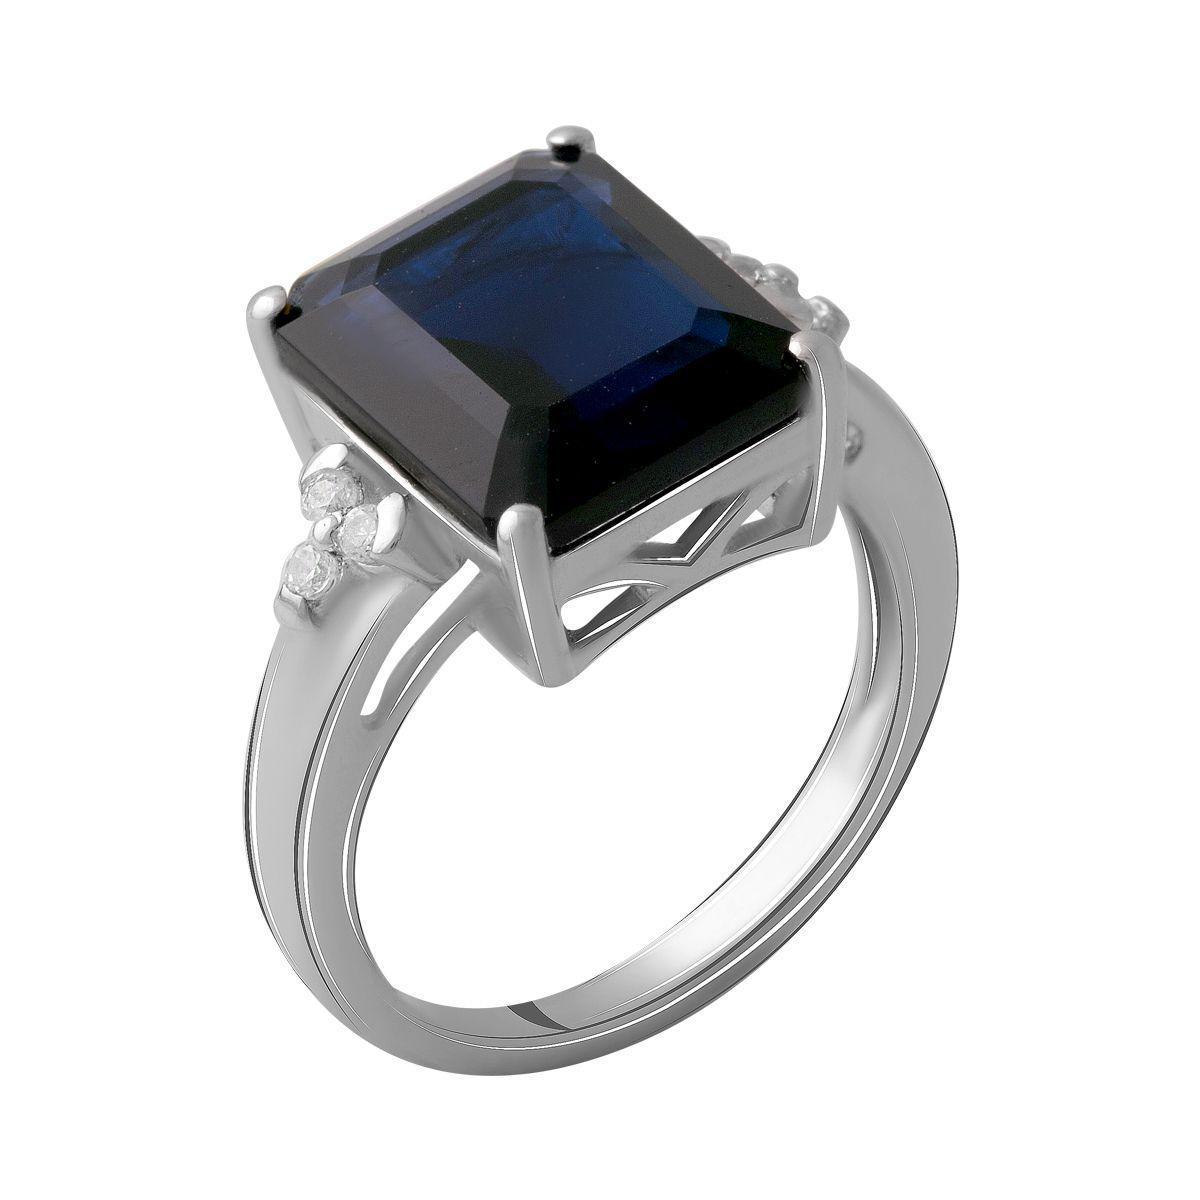 Серебряное кольцо pSilverAlex с сапфиром nano 4.748ct (2061908) 18 размер